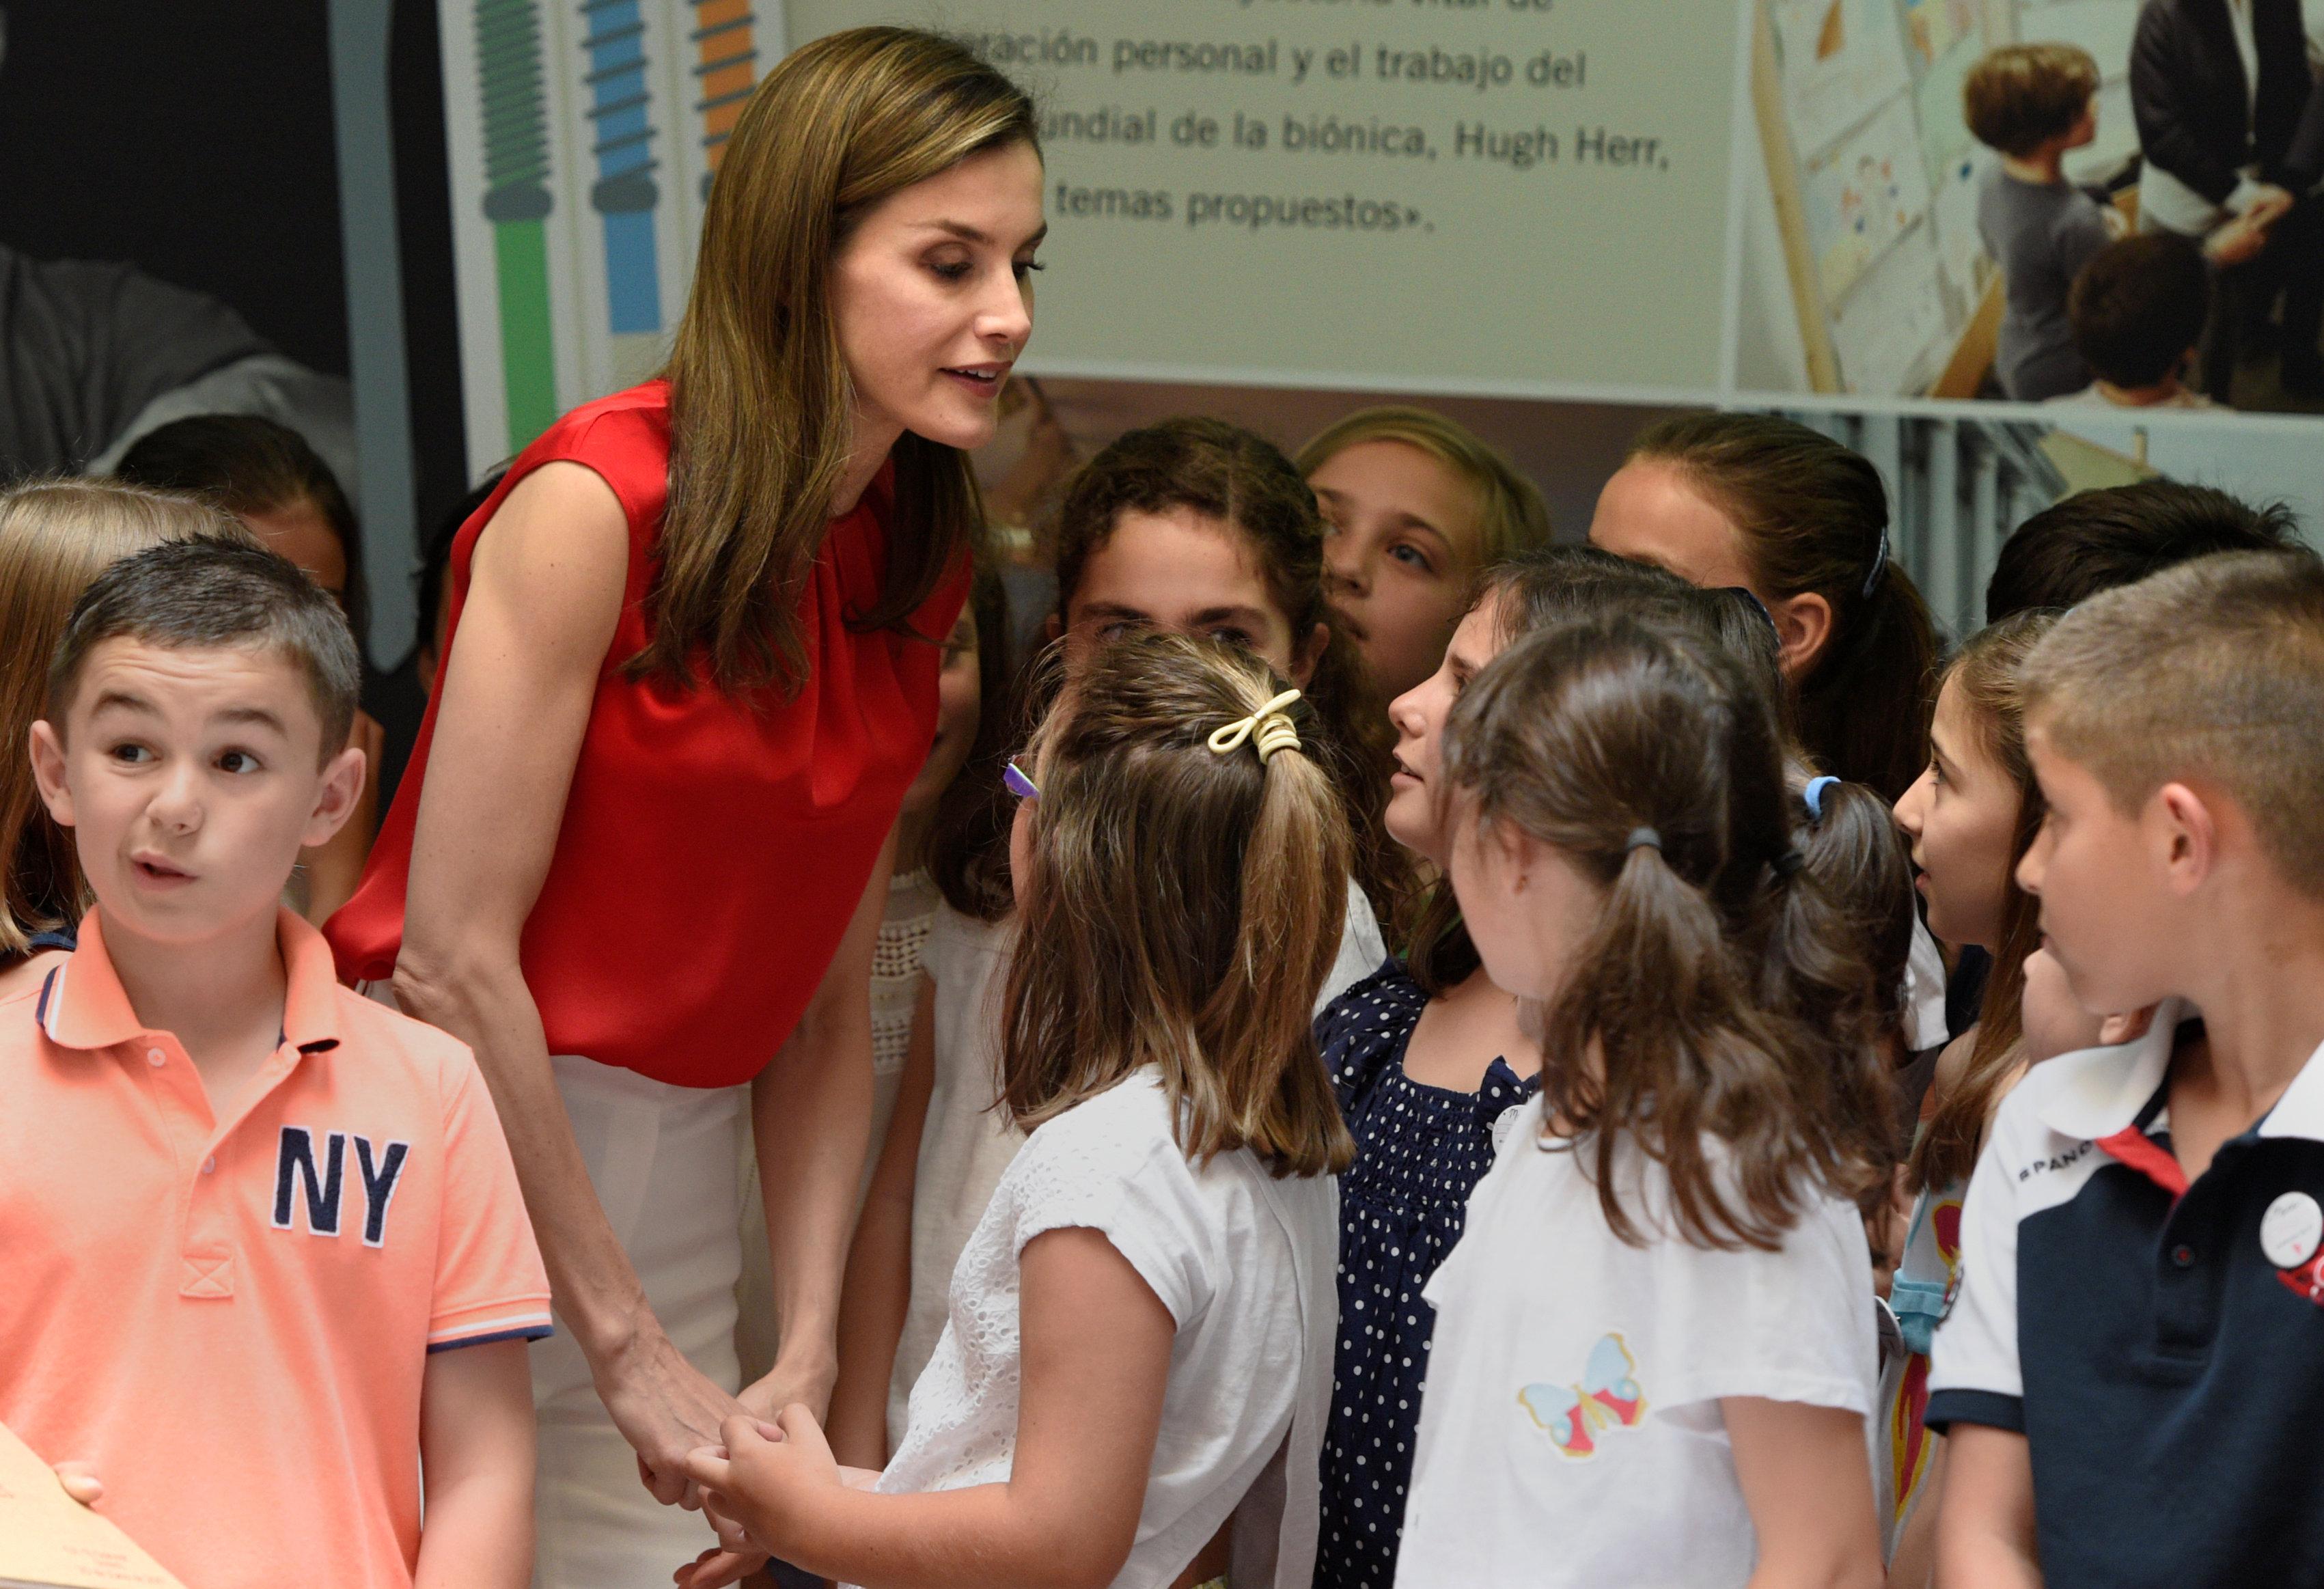 In pictures: Spain Queen Letizia meets children at public school